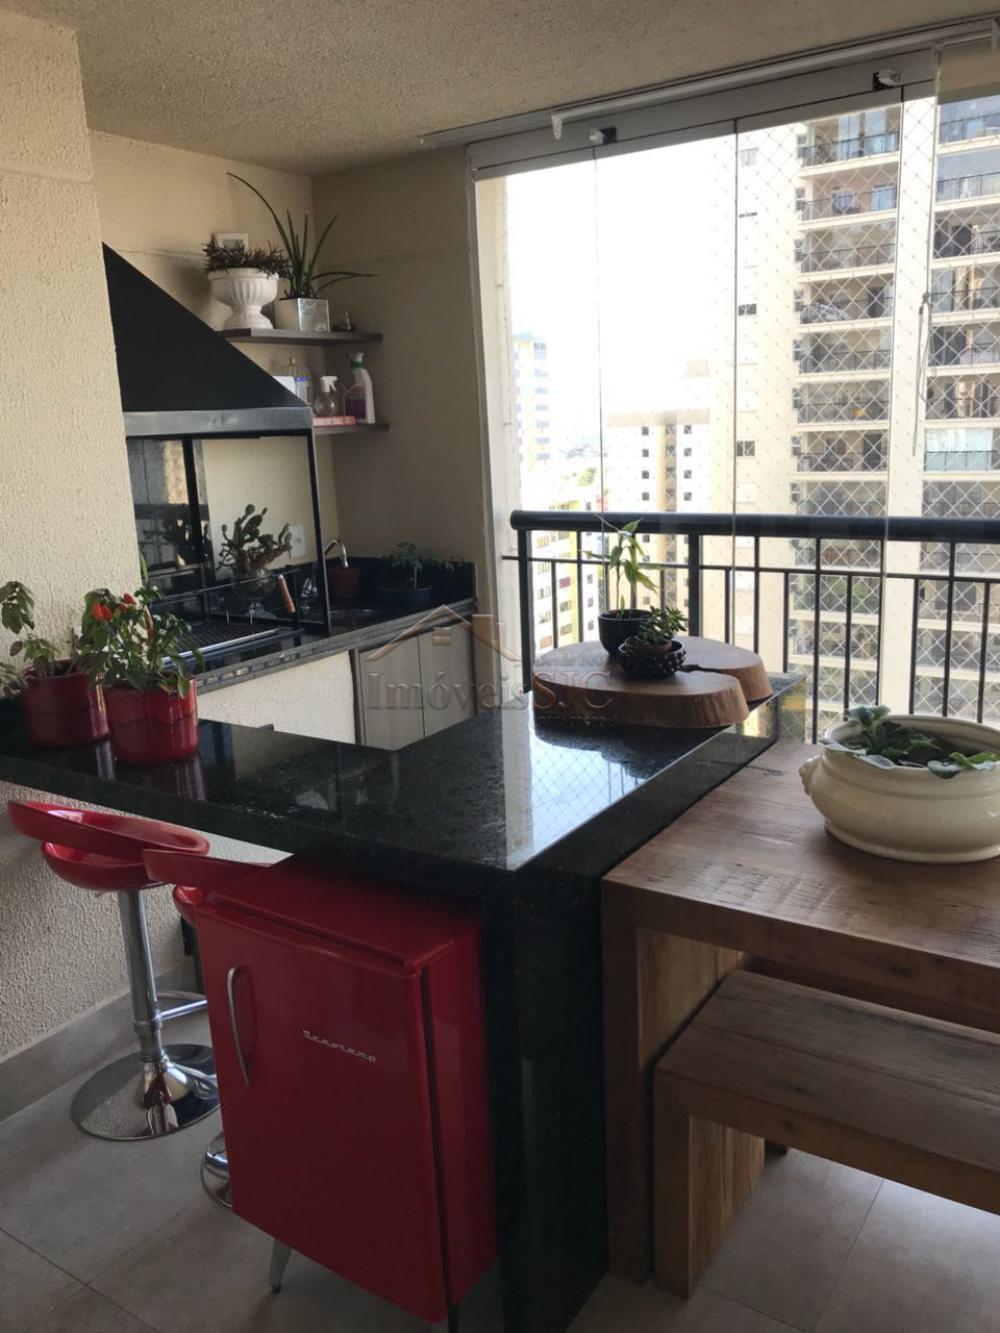 Comprar Apartamentos / Padrão em São José dos Campos apenas R$ 790.000,00 - Foto 4